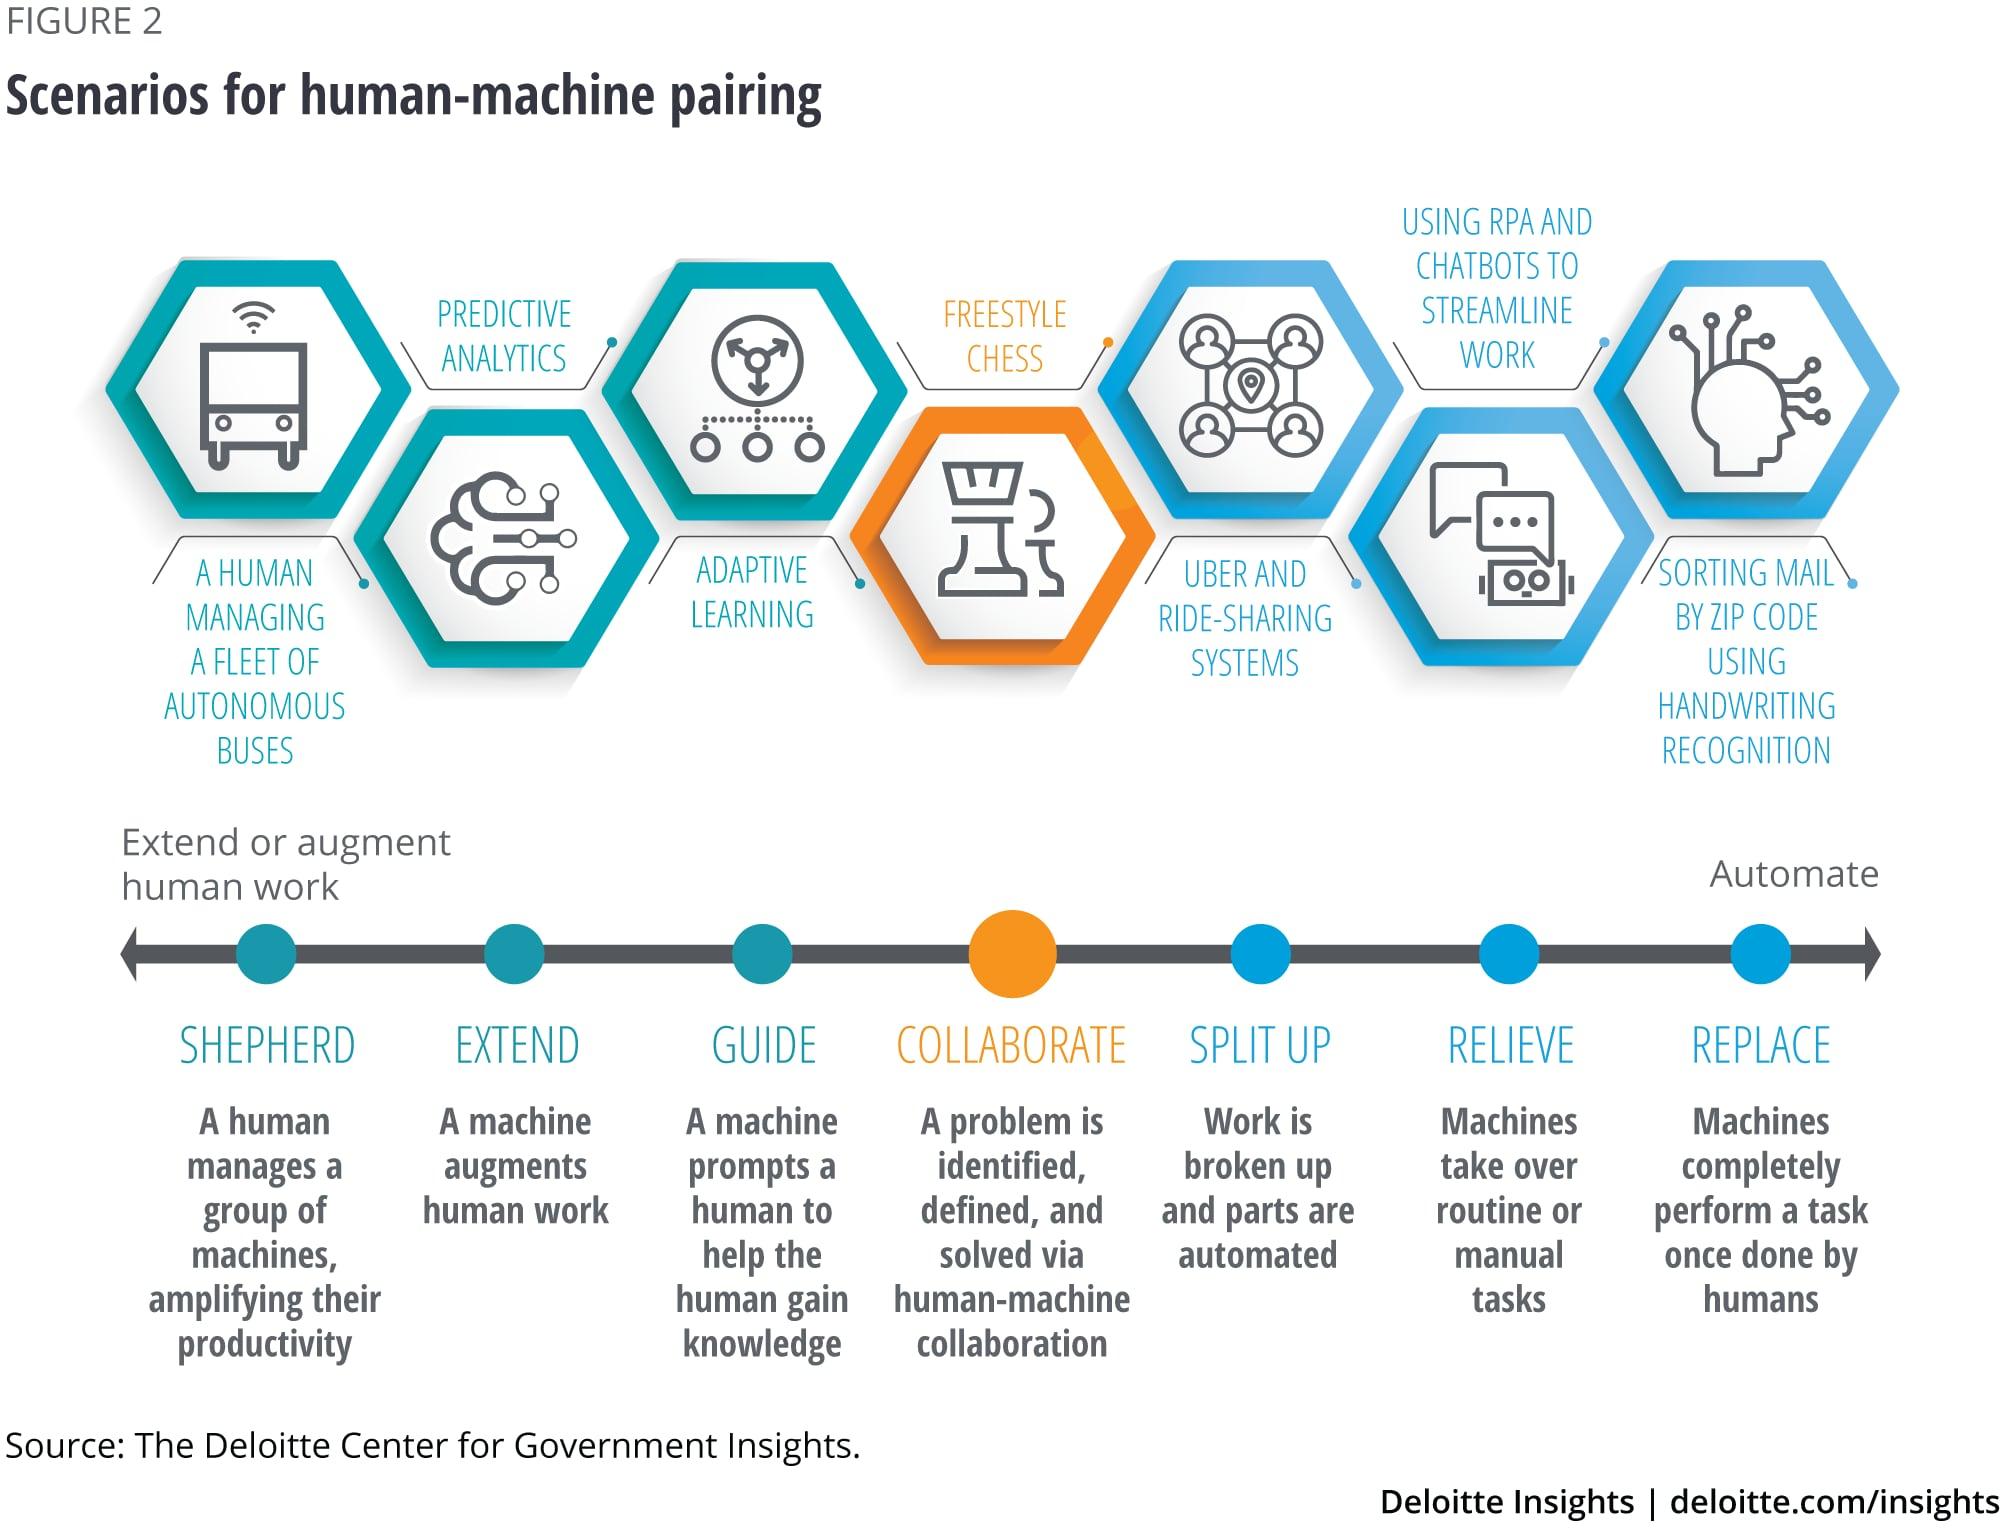 Scenarios for human-machine pairing